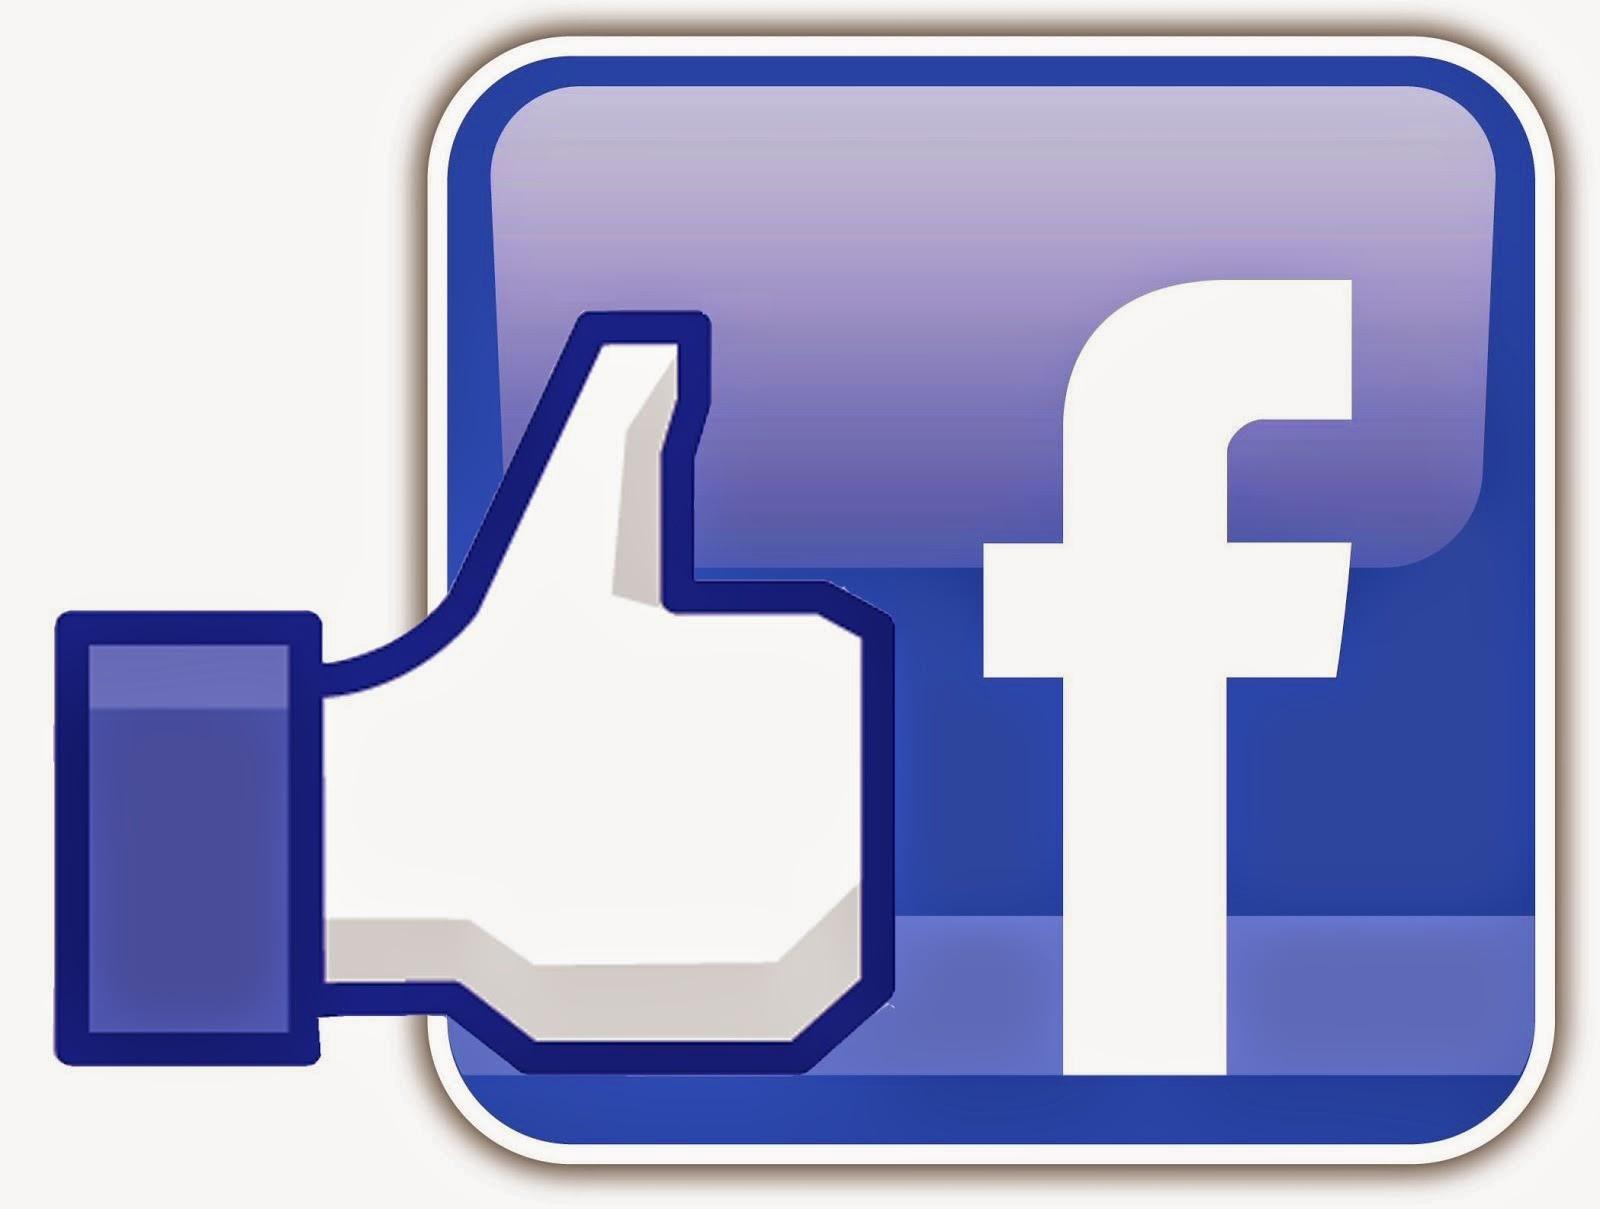 https://es-la.facebook.com/pages/Vida-a-lo-Verde/301666819847016